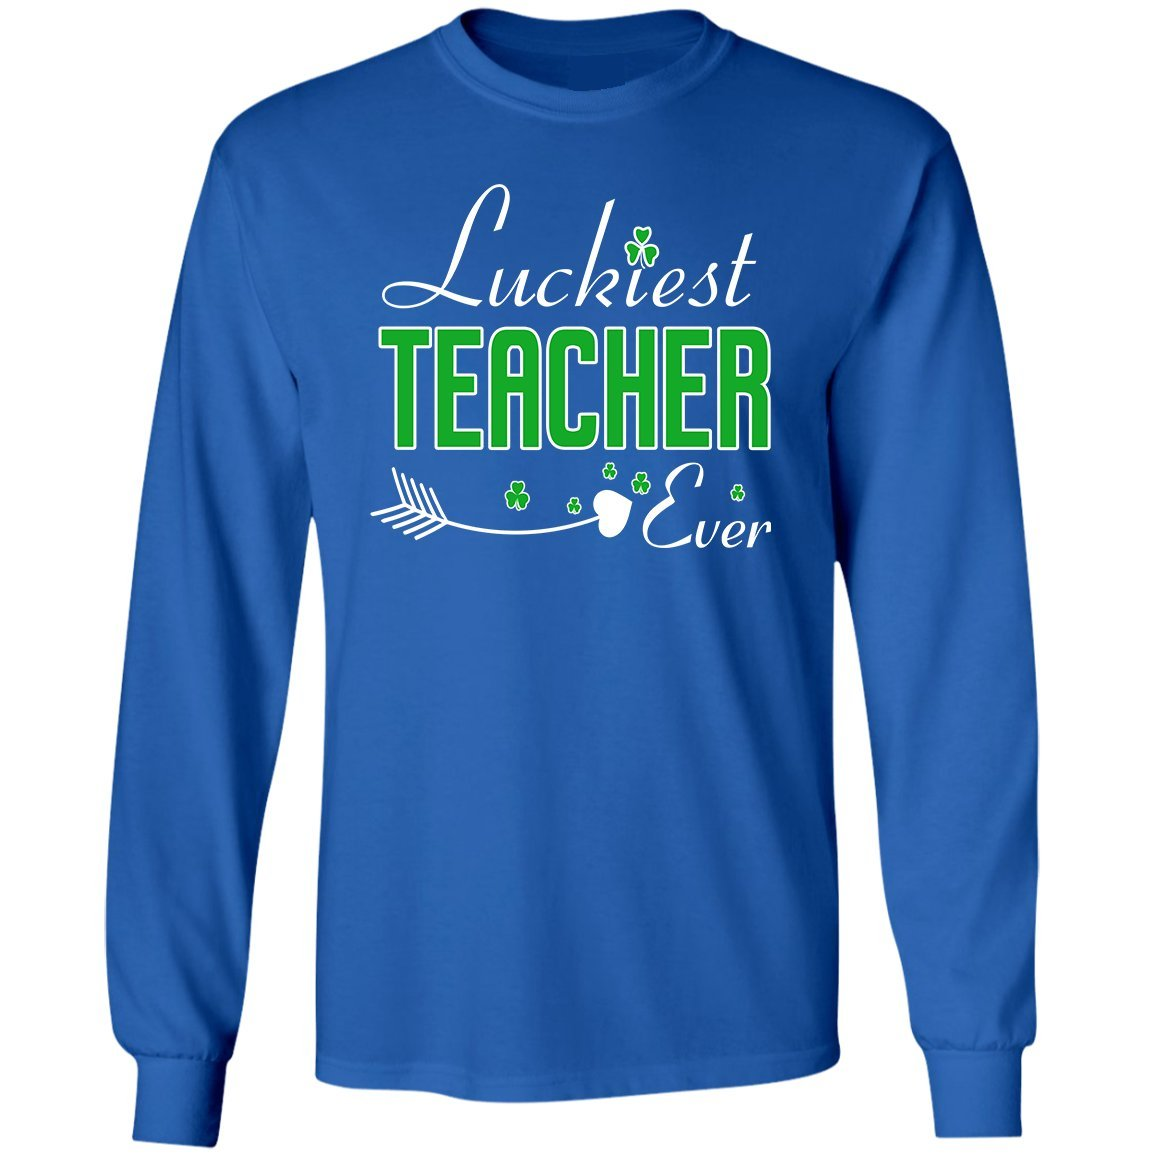 Luckiest Teacher Ever ST Patricks Day Shirts Cute Gift Love Teacher Long Sleeve